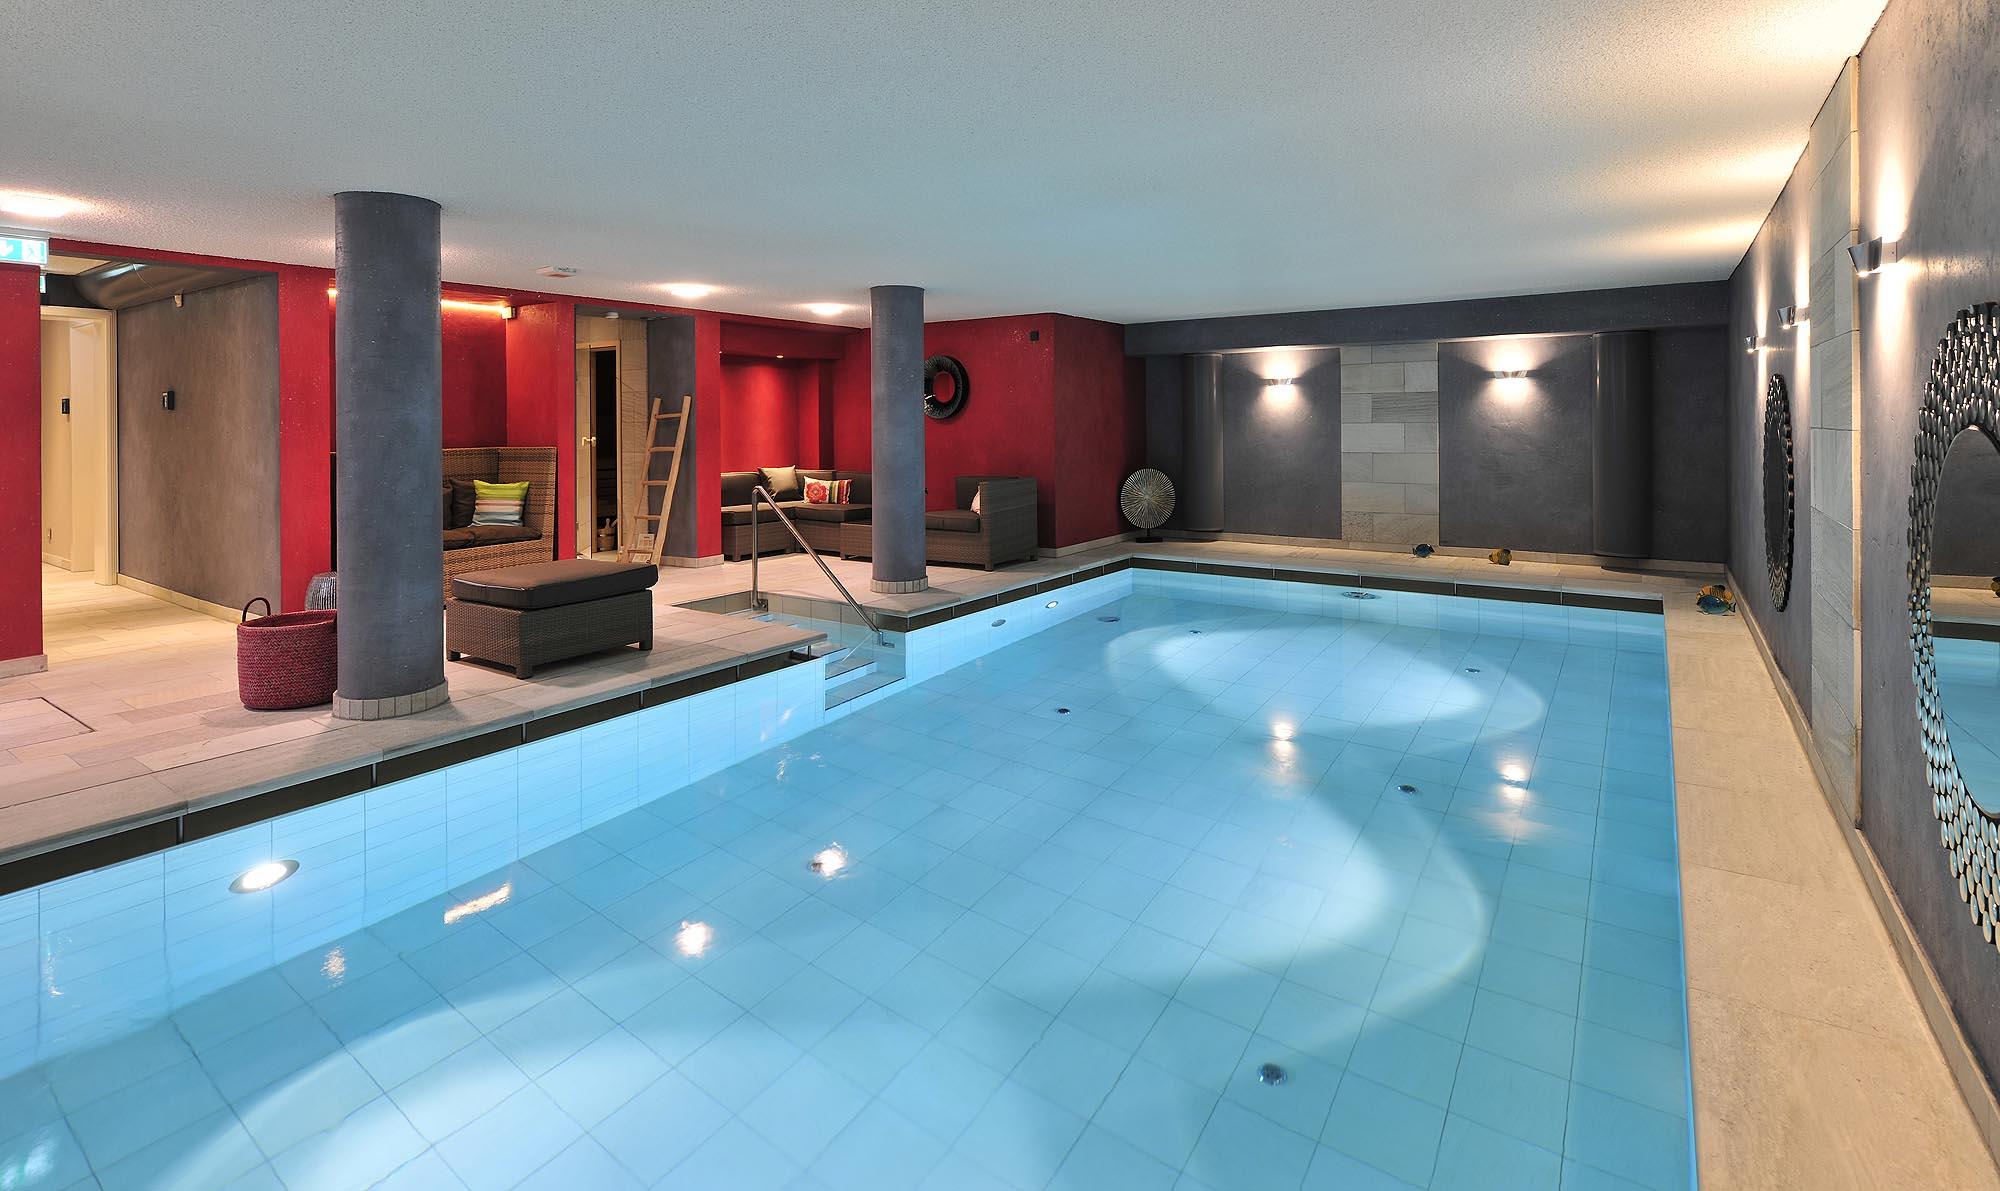 h ft bau sylt rantum hotel duene. Black Bedroom Furniture Sets. Home Design Ideas